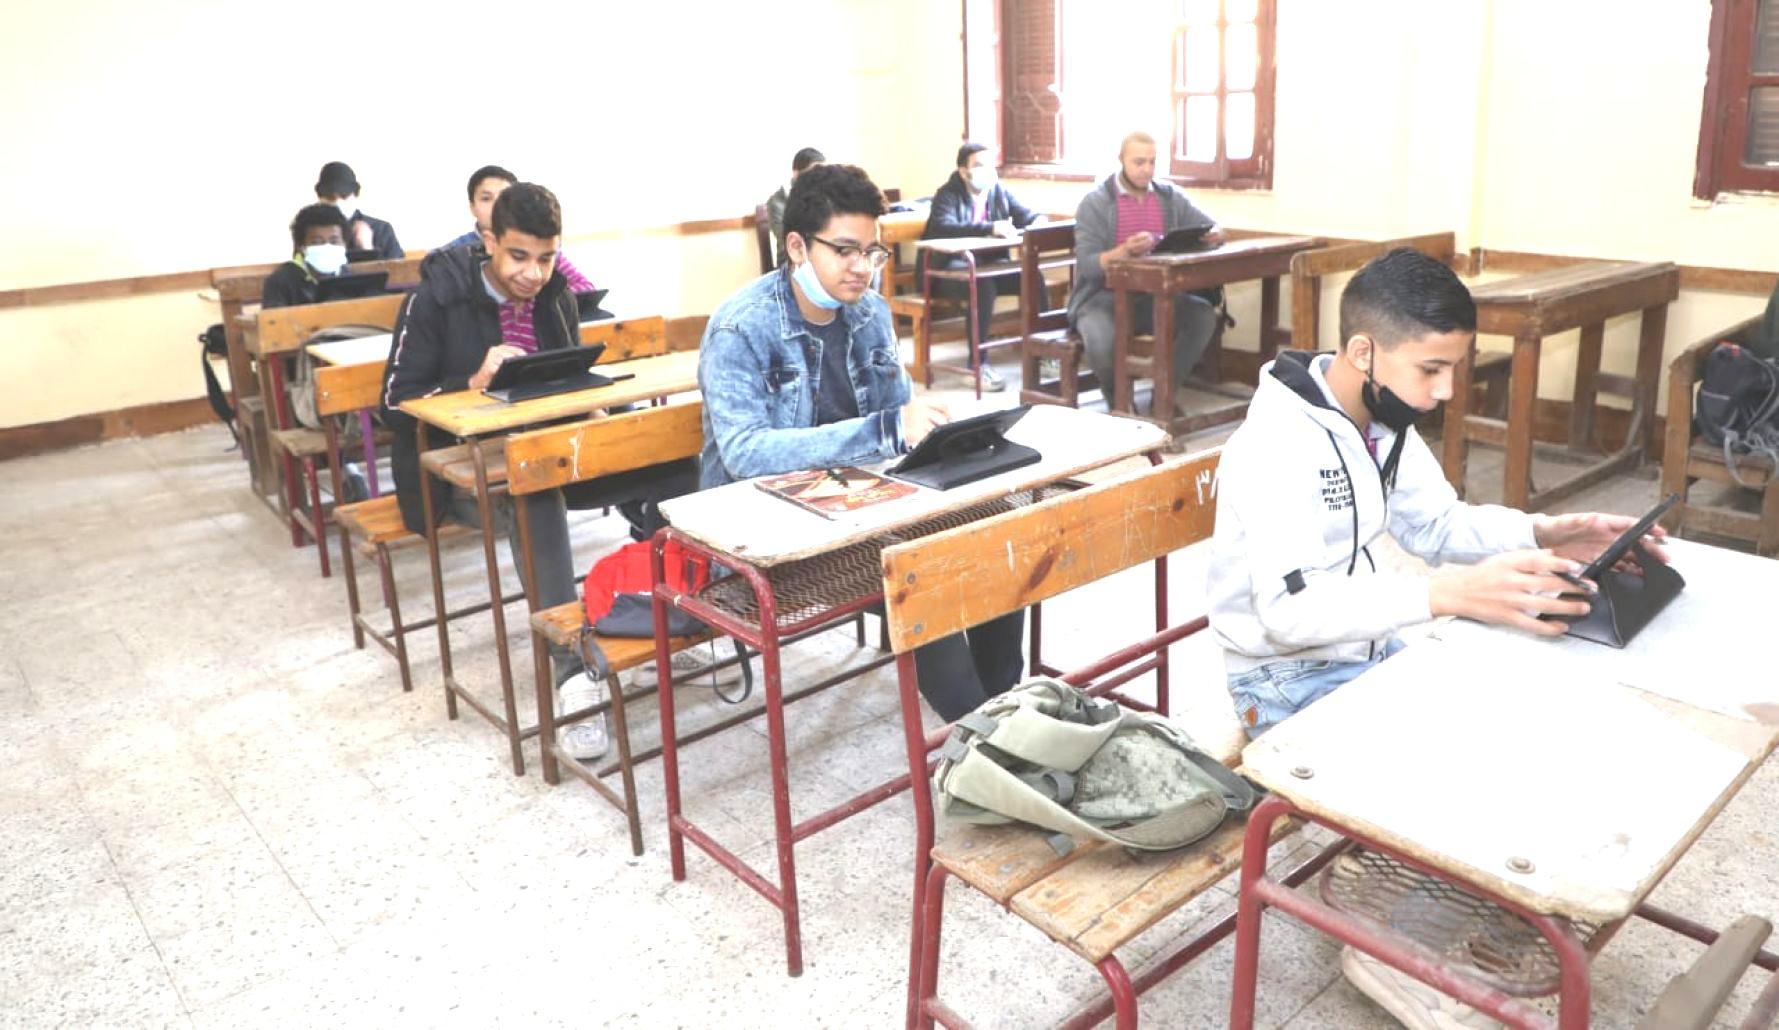 شروط استخدام الكتاب المدرسي في امتحانات الثانوية العامة 2021